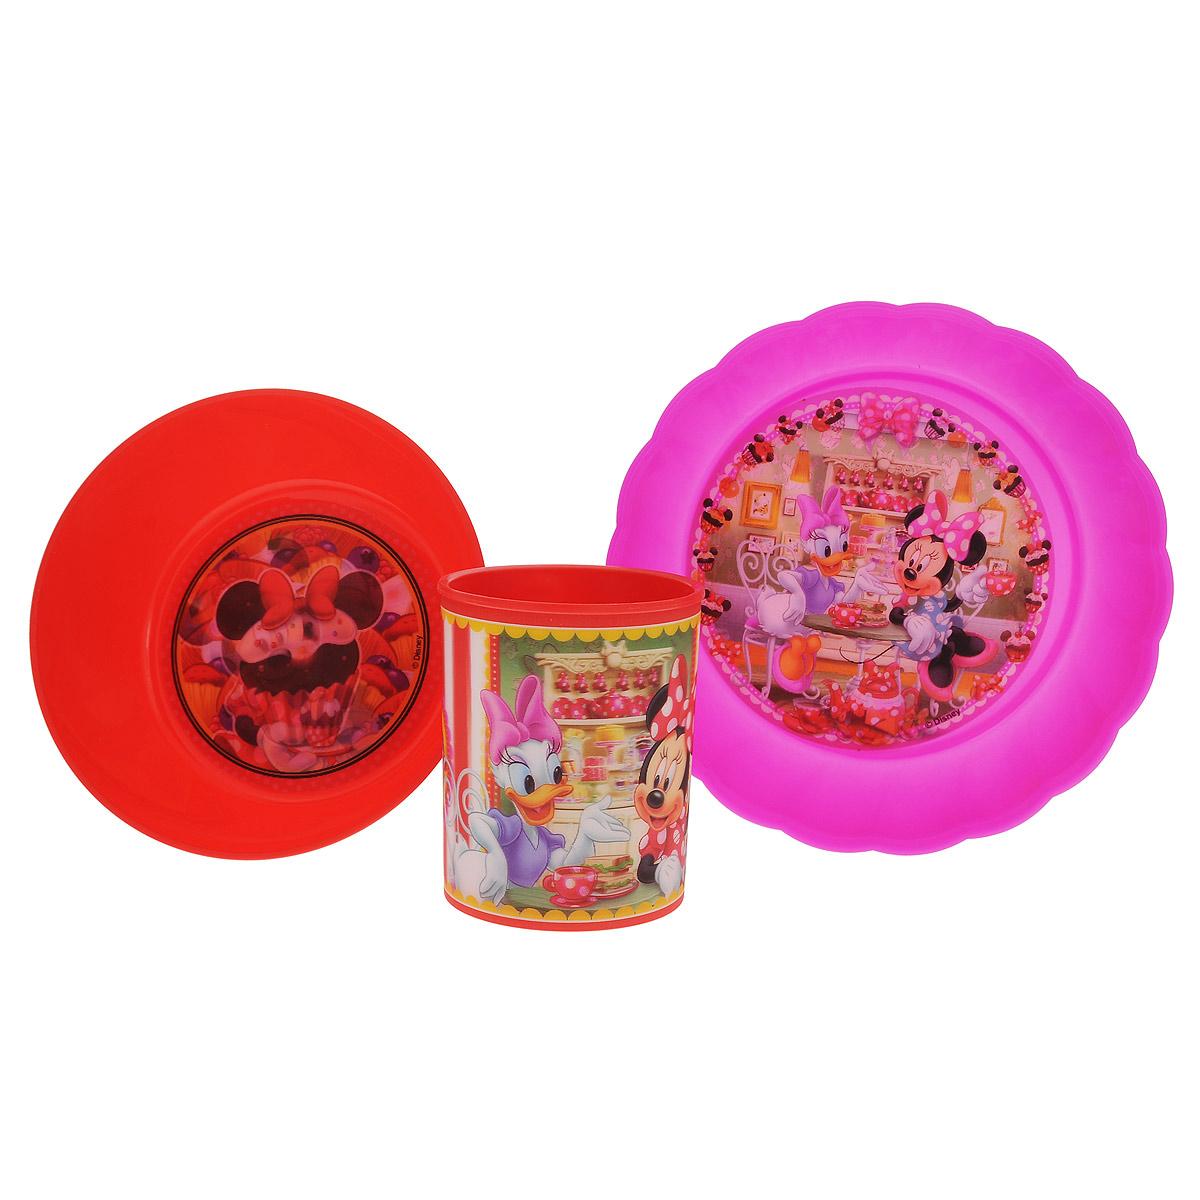 Набор детской посуды Disney Минни и Дейзи, цвет: красный, розовый, 3 предметаN3M1-KНабор детской посуды Disney Минни и Дейзи состоит из стакана, салатника и тарелки. Посуда, выполненная из пищевого пластика, оформлена изображениями героев популярного мультфильма Клуб Микки Мауса - Минни и Дейзи. Рисунки находятся под слоем прозрачного структурного пластика (линзы), создающего эффект объемного изображения, как в 3D кино, и исключающего попадание краски в жидкость. Небьющаяся посуда, красивая, легкая и удобная в уходе, прекрасно выдерживает горячую пищу. Ваш малыш с удовольствием будет кушать вместе с любимыми героями. Объем стакана: 325 мл. Высота стакана: 9 см. Диаметр стакана (по верхнему краю): 7,5 см. Диаметр салатника: 15 см. Высота салатника: 5 см. Диаметр тарелки: 18 см. Высота тарелки: 4 см.